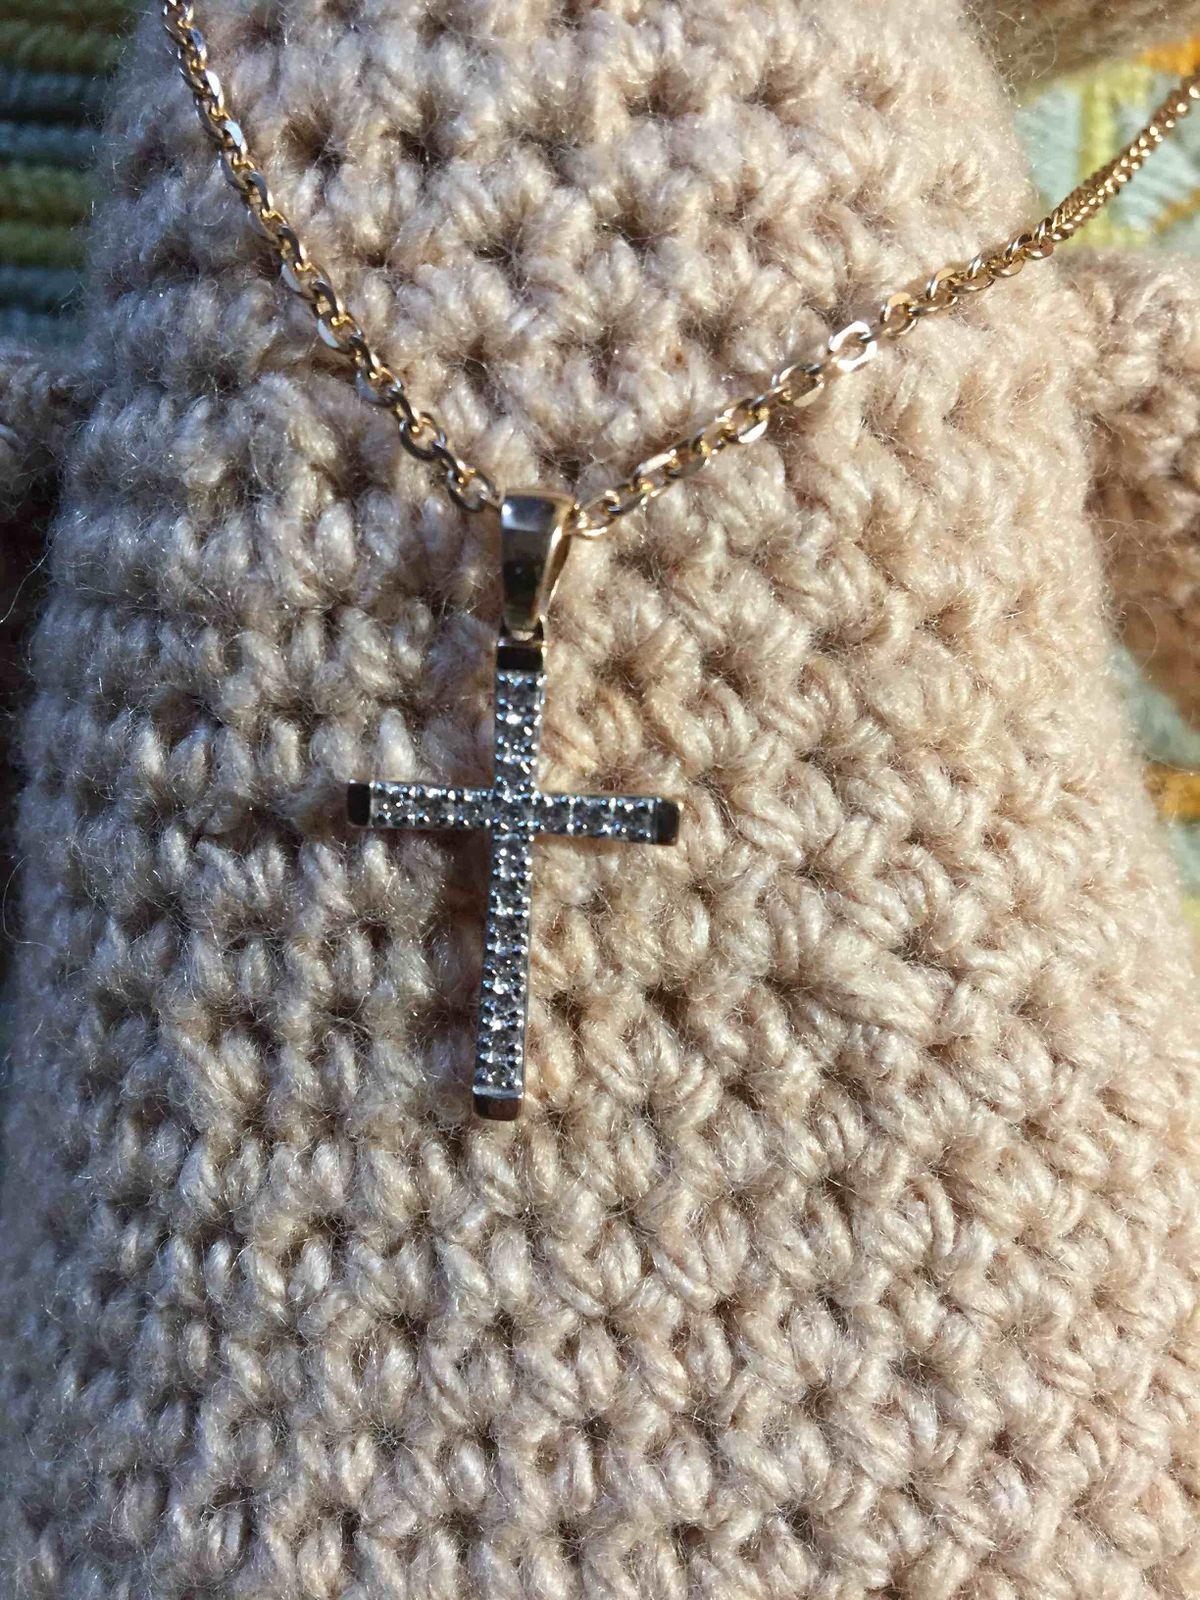 Подвеску,золотой крестик с фианитами ,купила в подарок на Новый год.